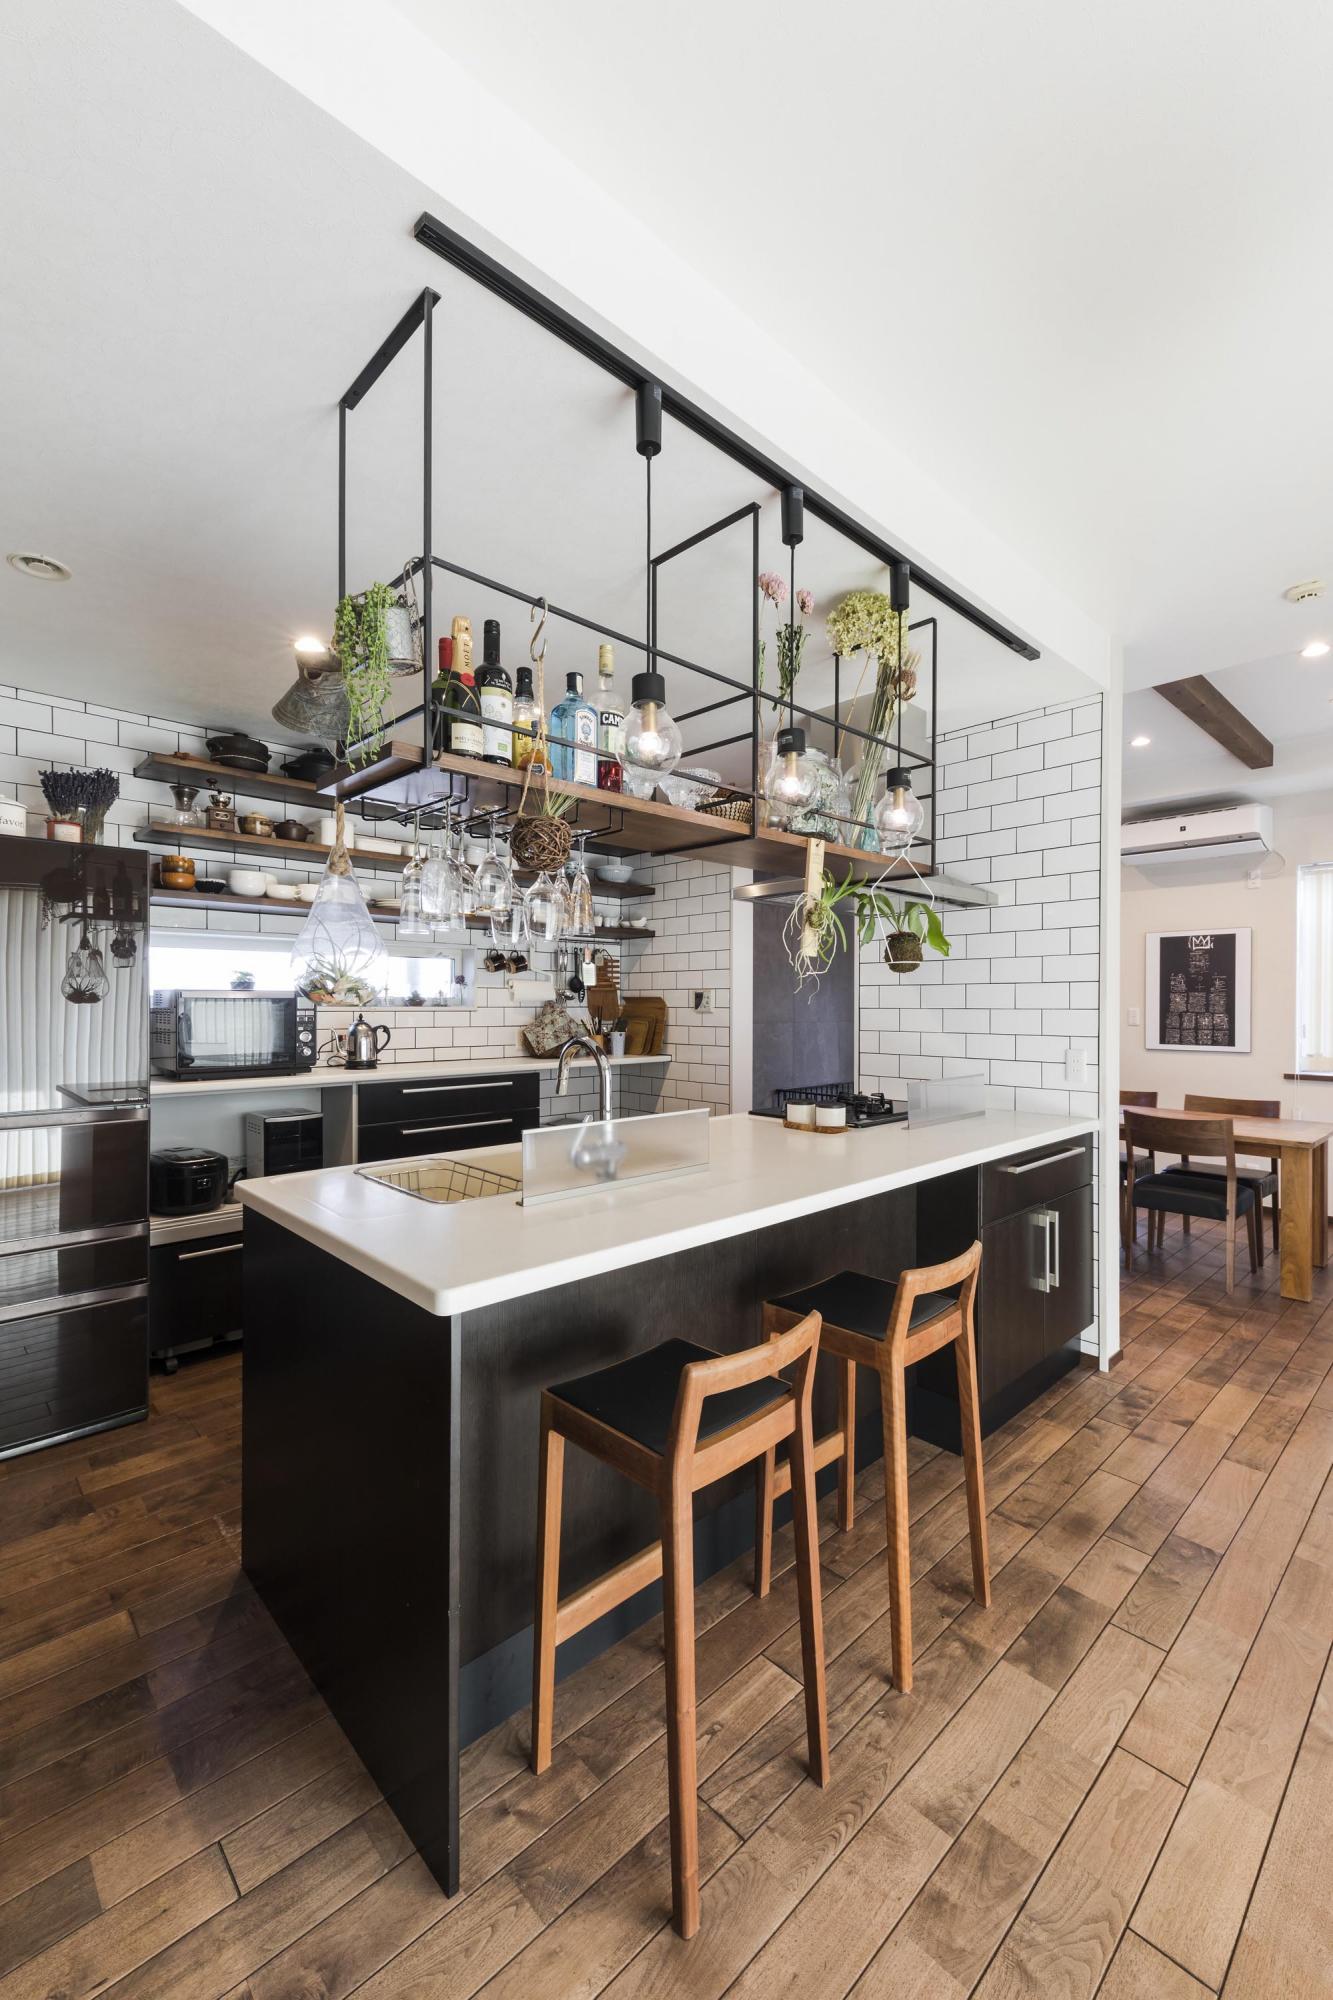 ダイニングに行きやすいように壁の一部を取り払い、動線も見直すことで使いやすいキッチンに。カウンター上部にはお酒などを並べることができる吊り棚をつくり、夜はバーコーナーとしても楽しめる